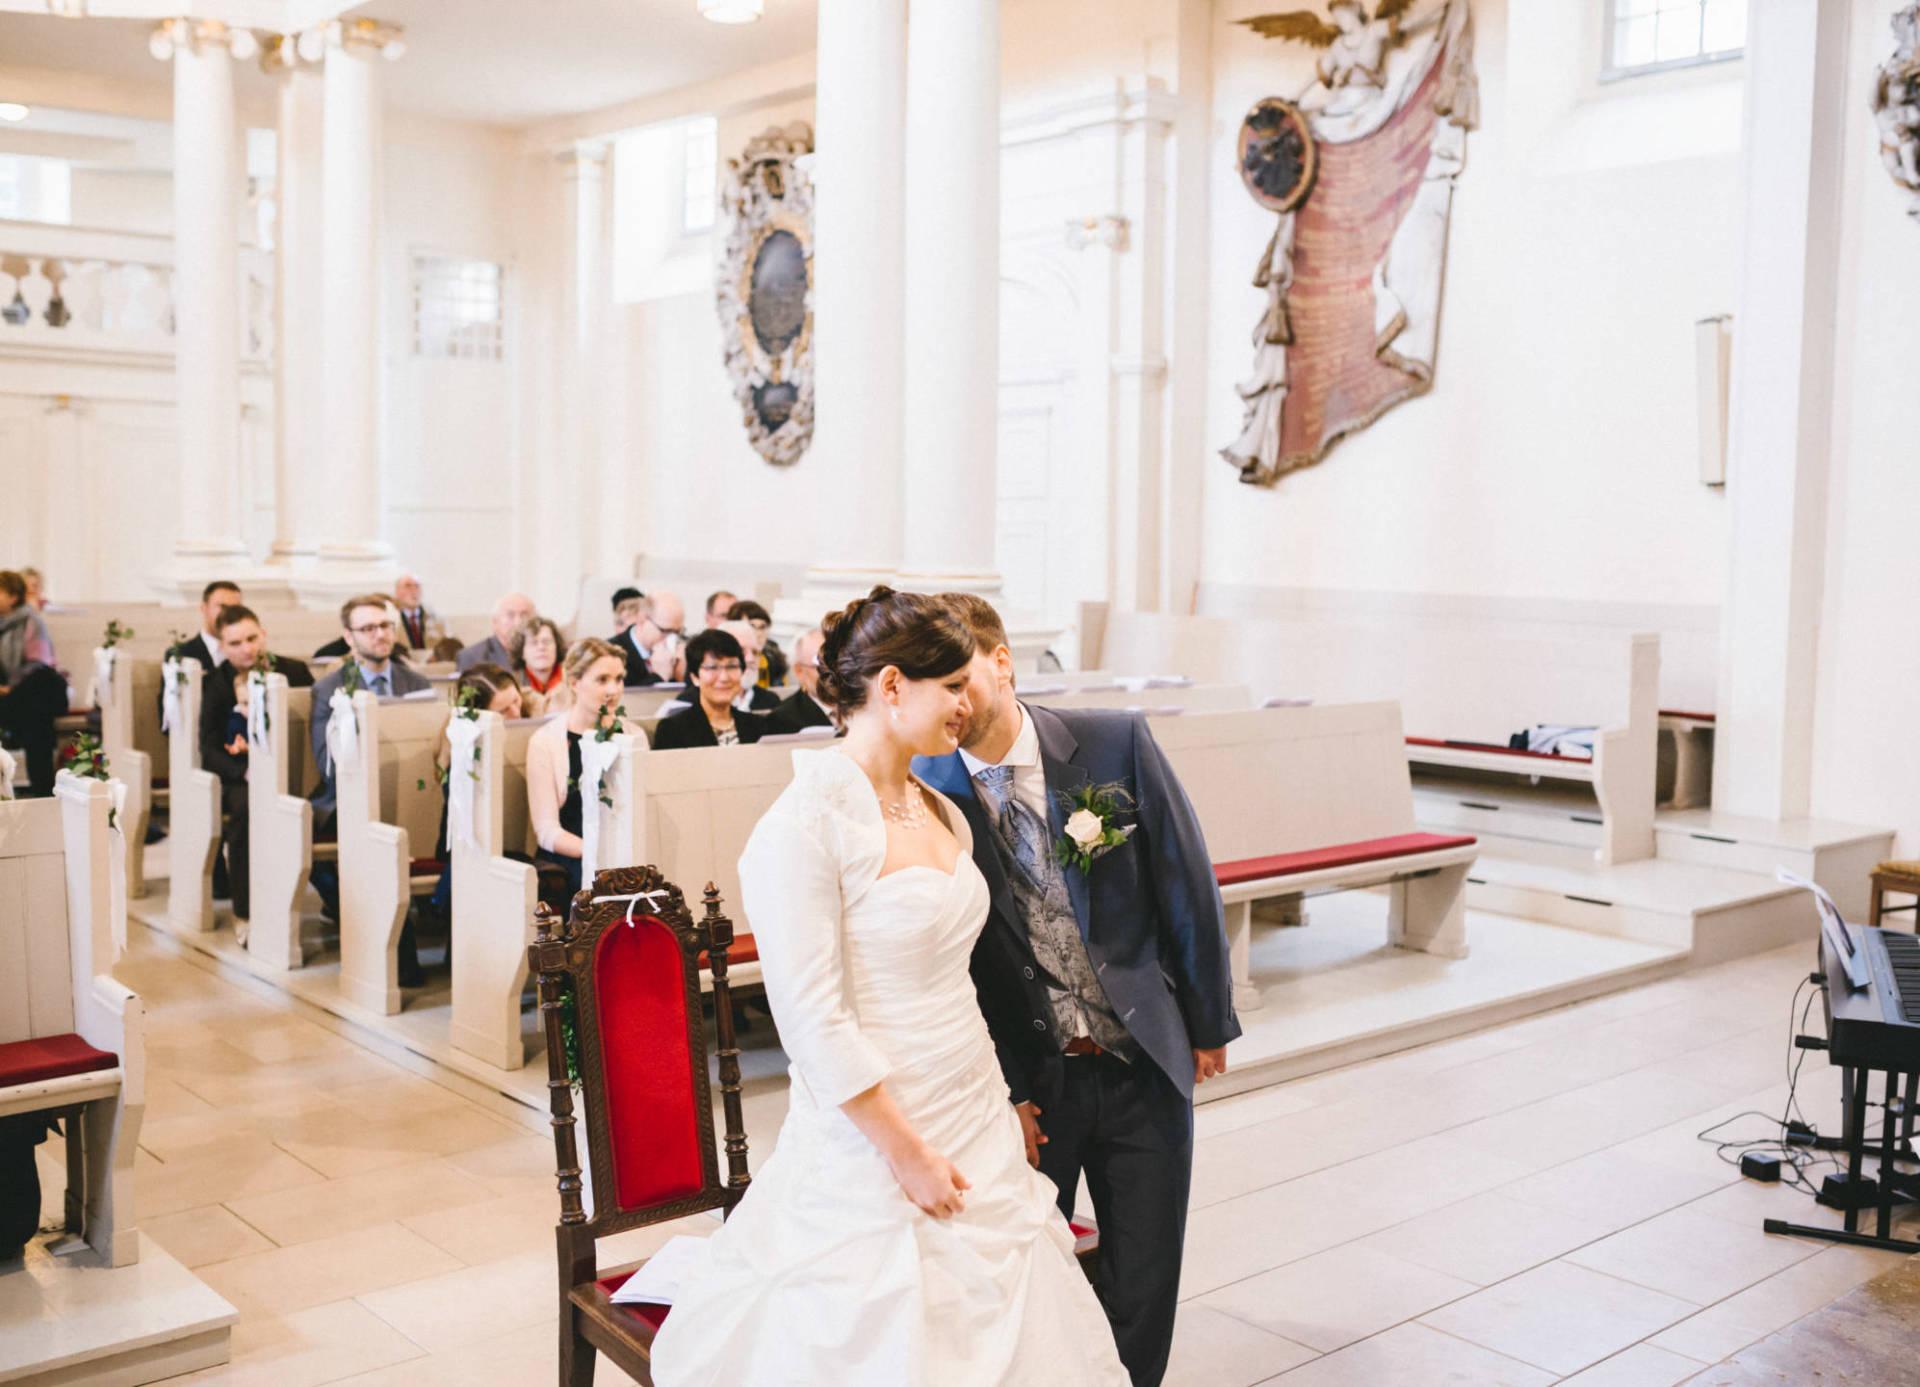 Hochzeitsreportage | Hochzeit im Paradies Jena | 34